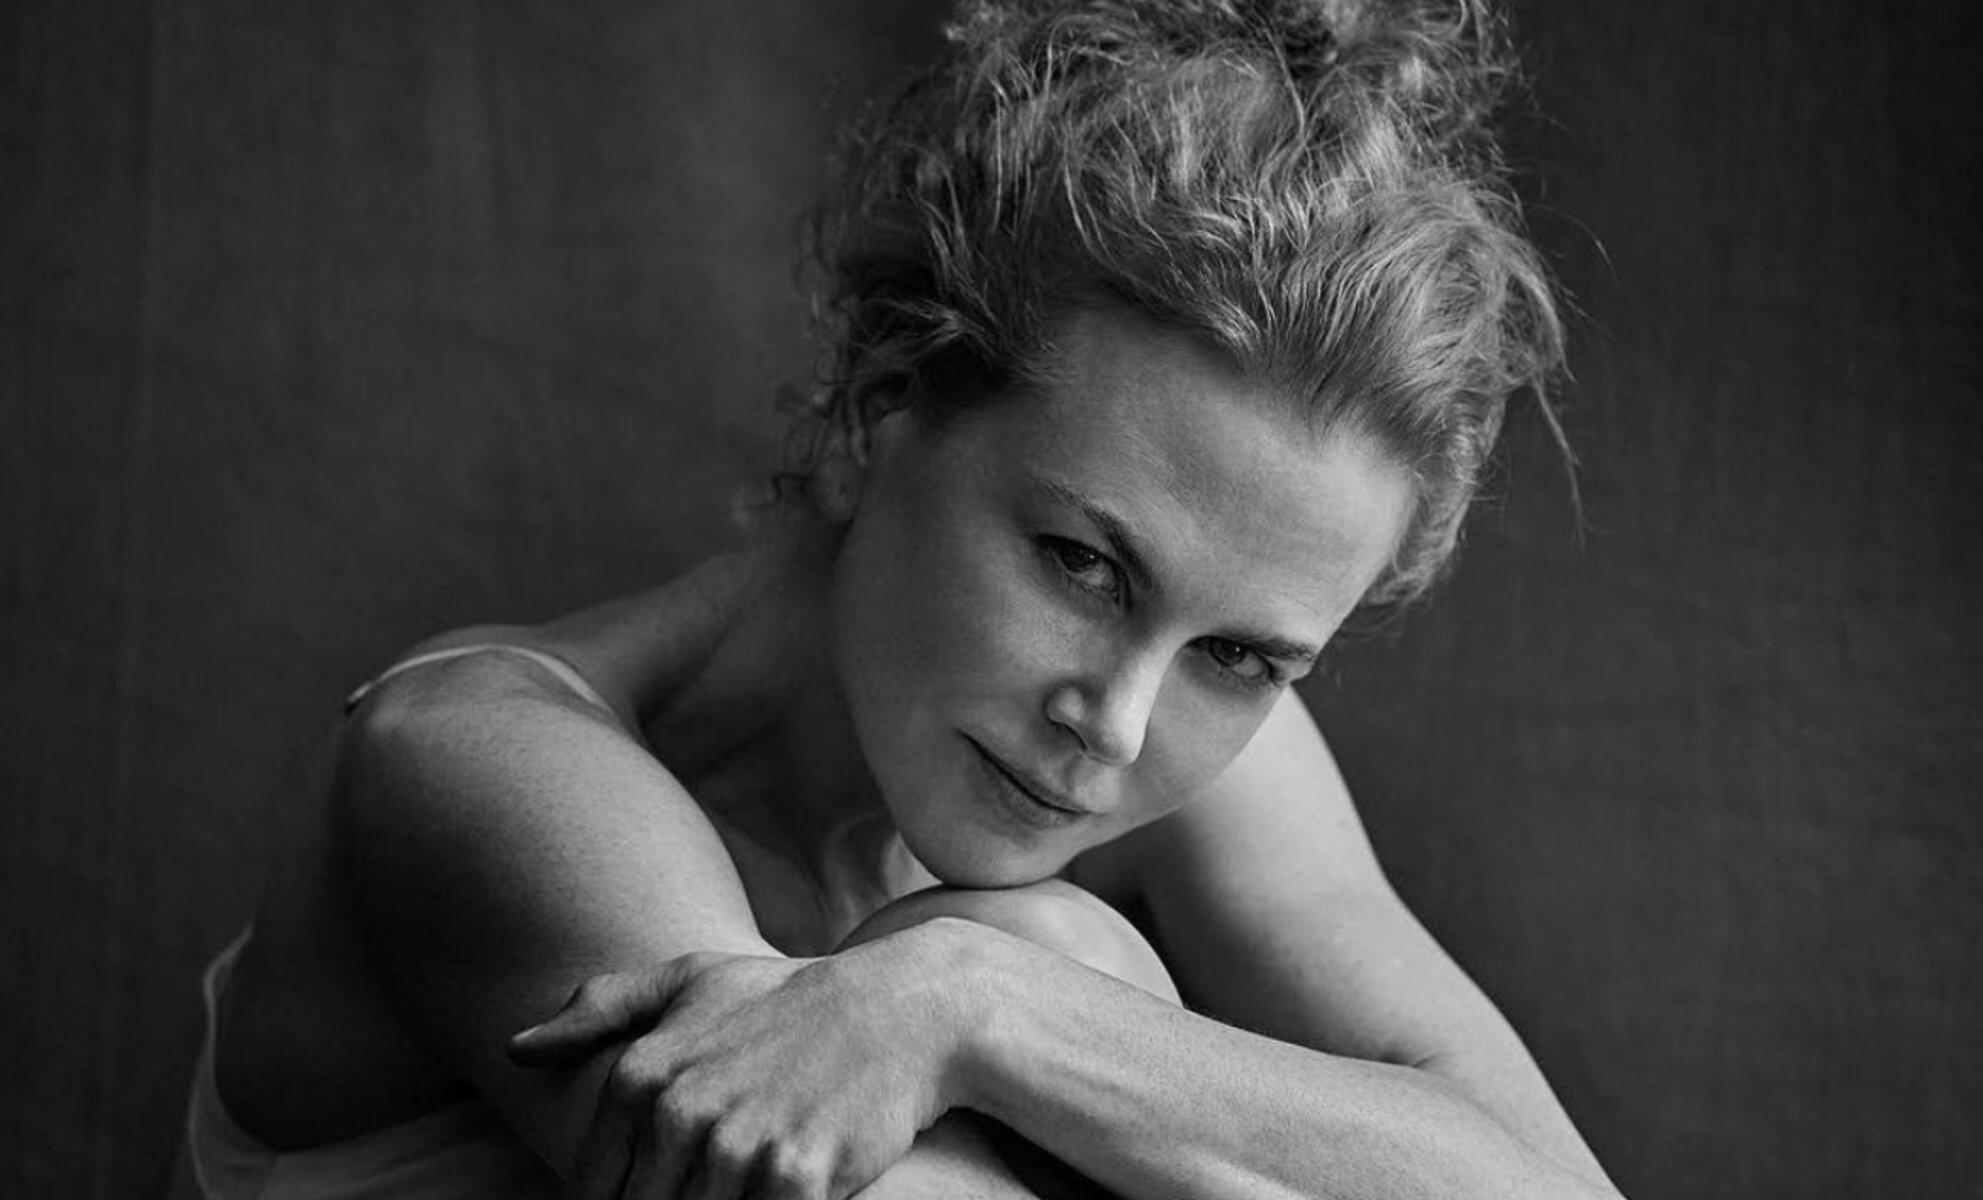 Nicole Kidman : ses étranges pratiques sexuelles révélées !